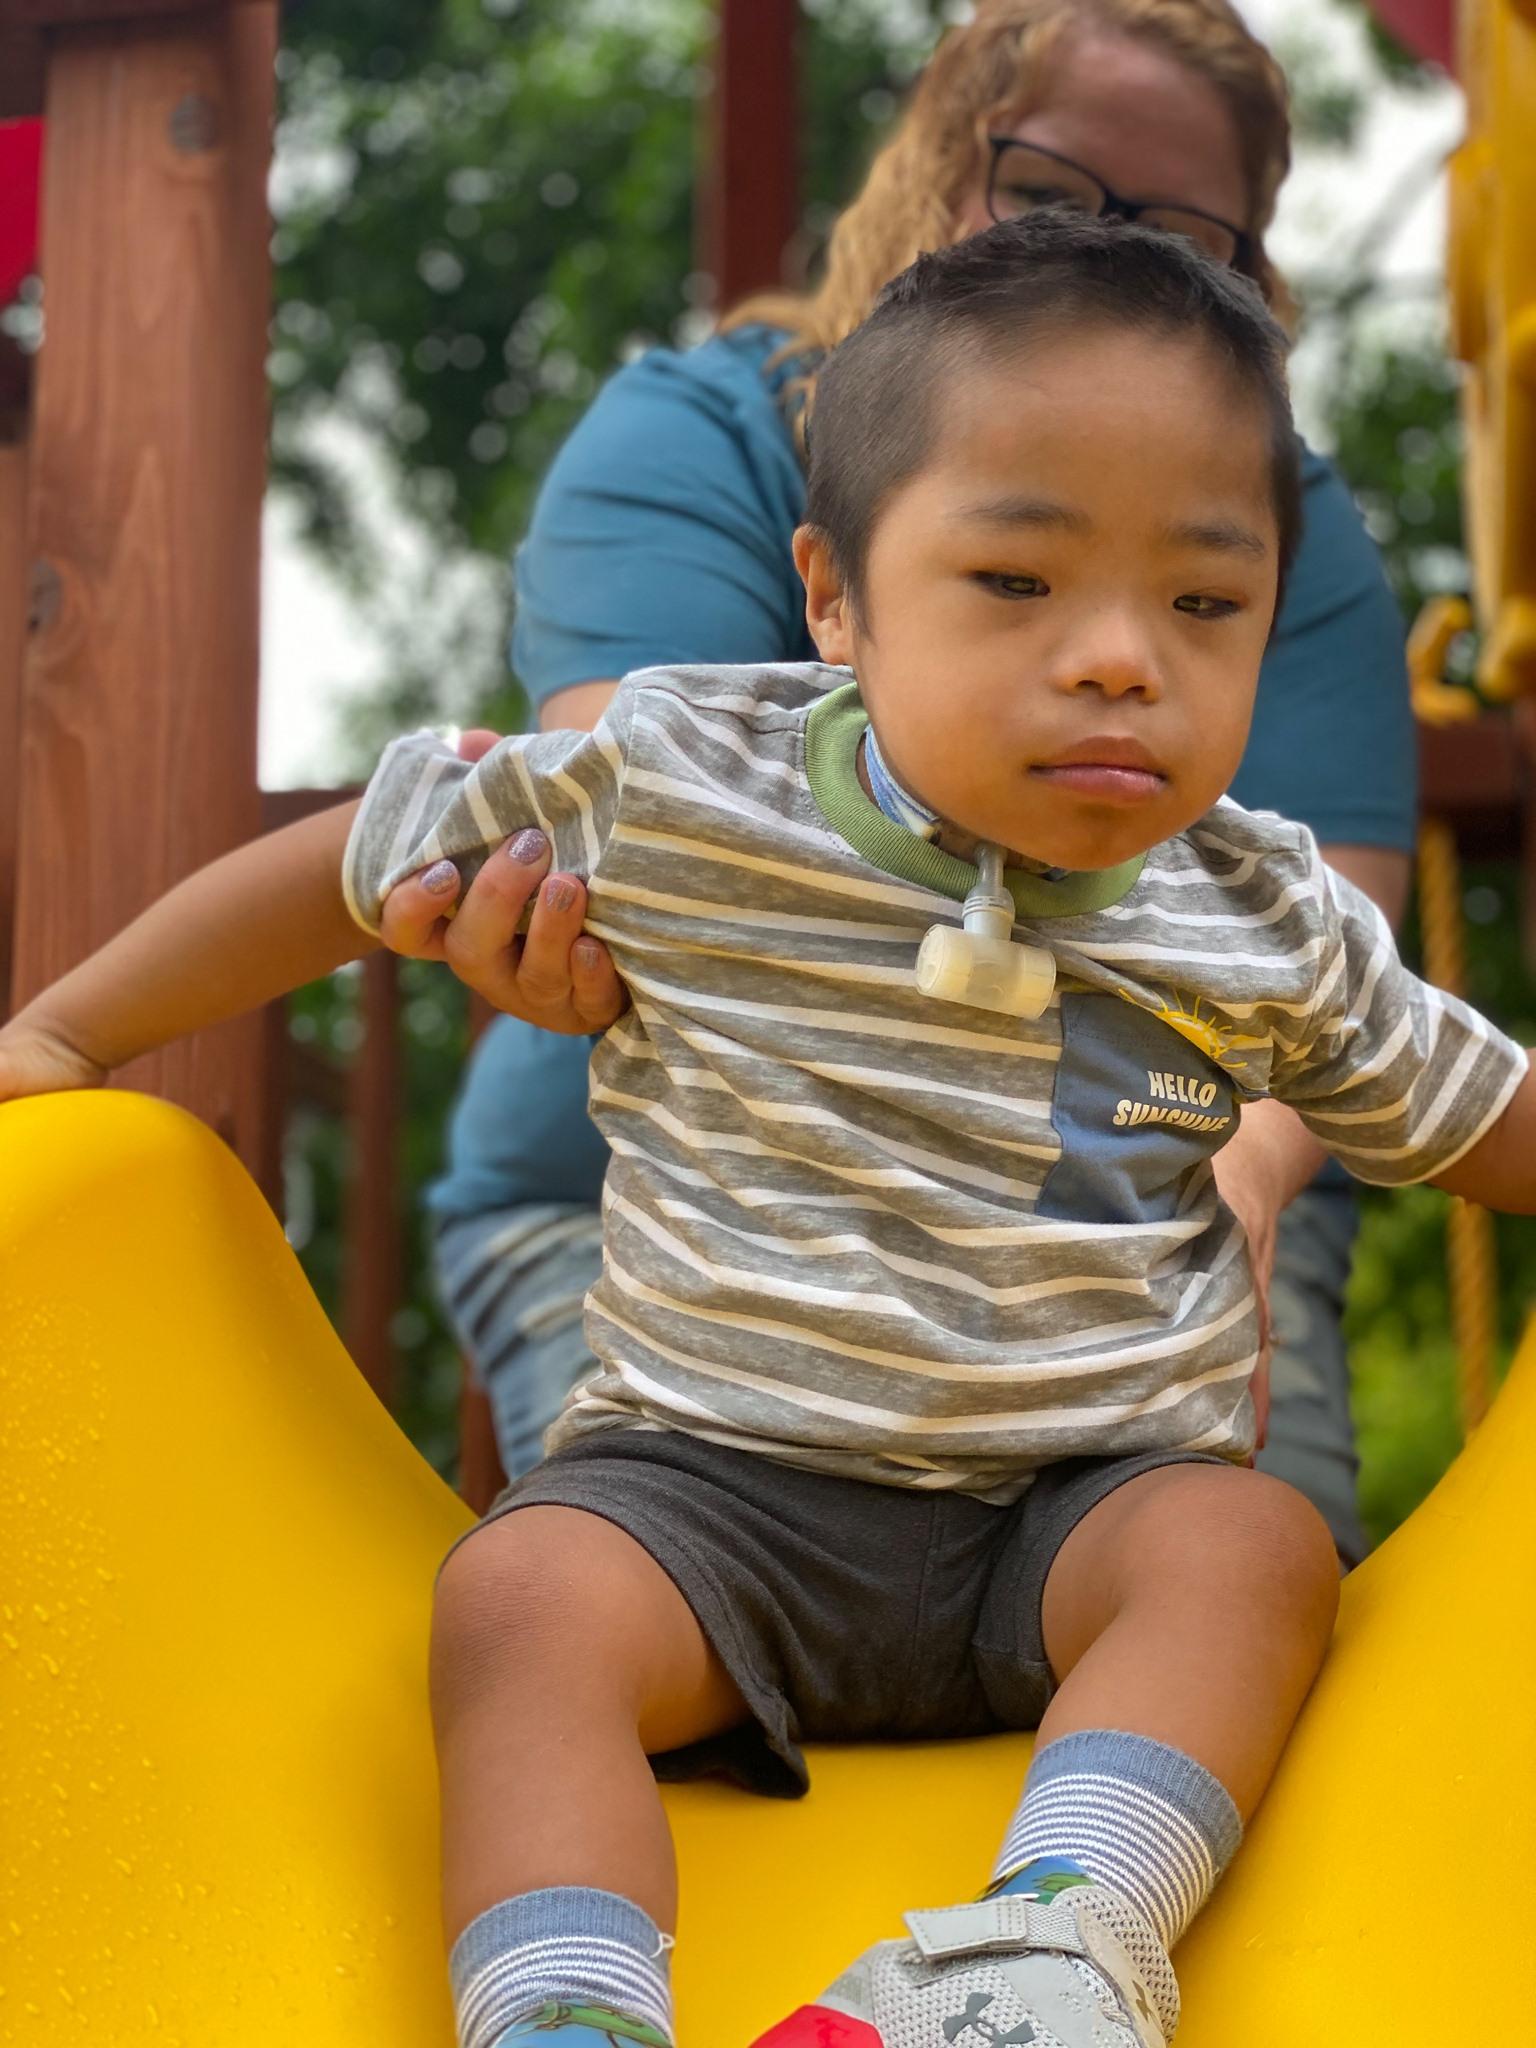 Jaxon Make a Wish - Backyard Playworld